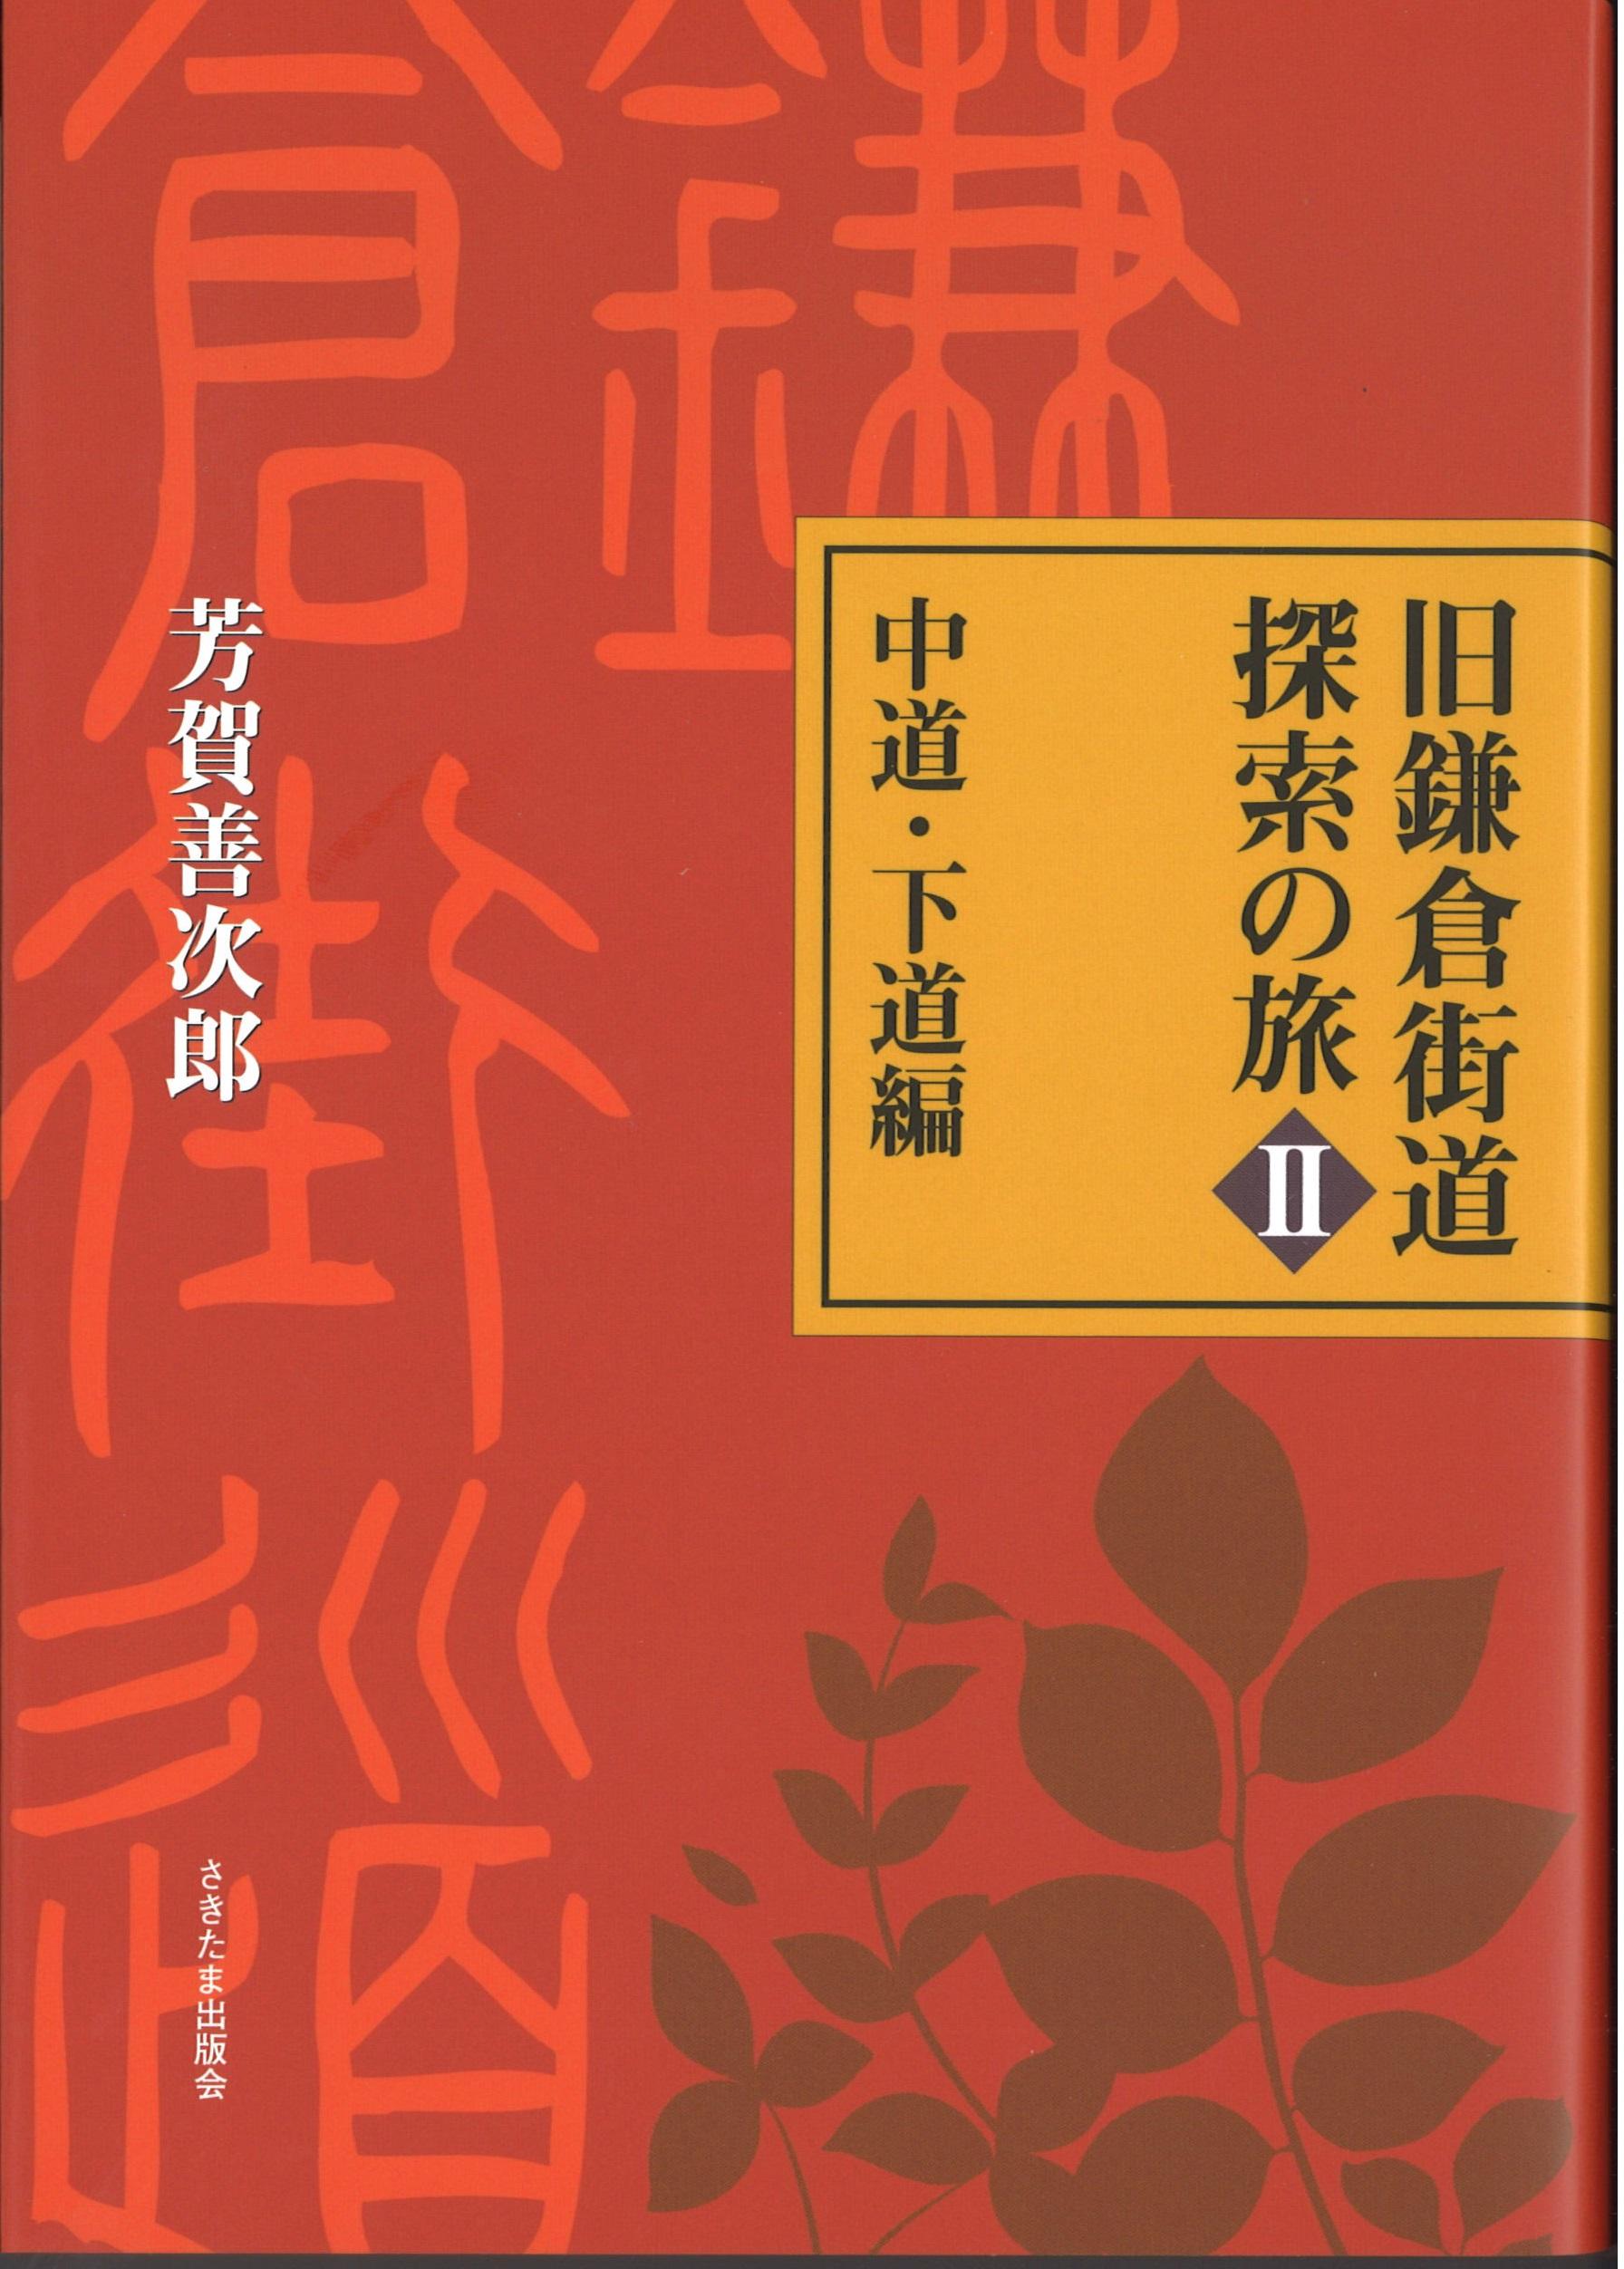 旧鎌倉街道探索の旅Ⅱ中道・下道編